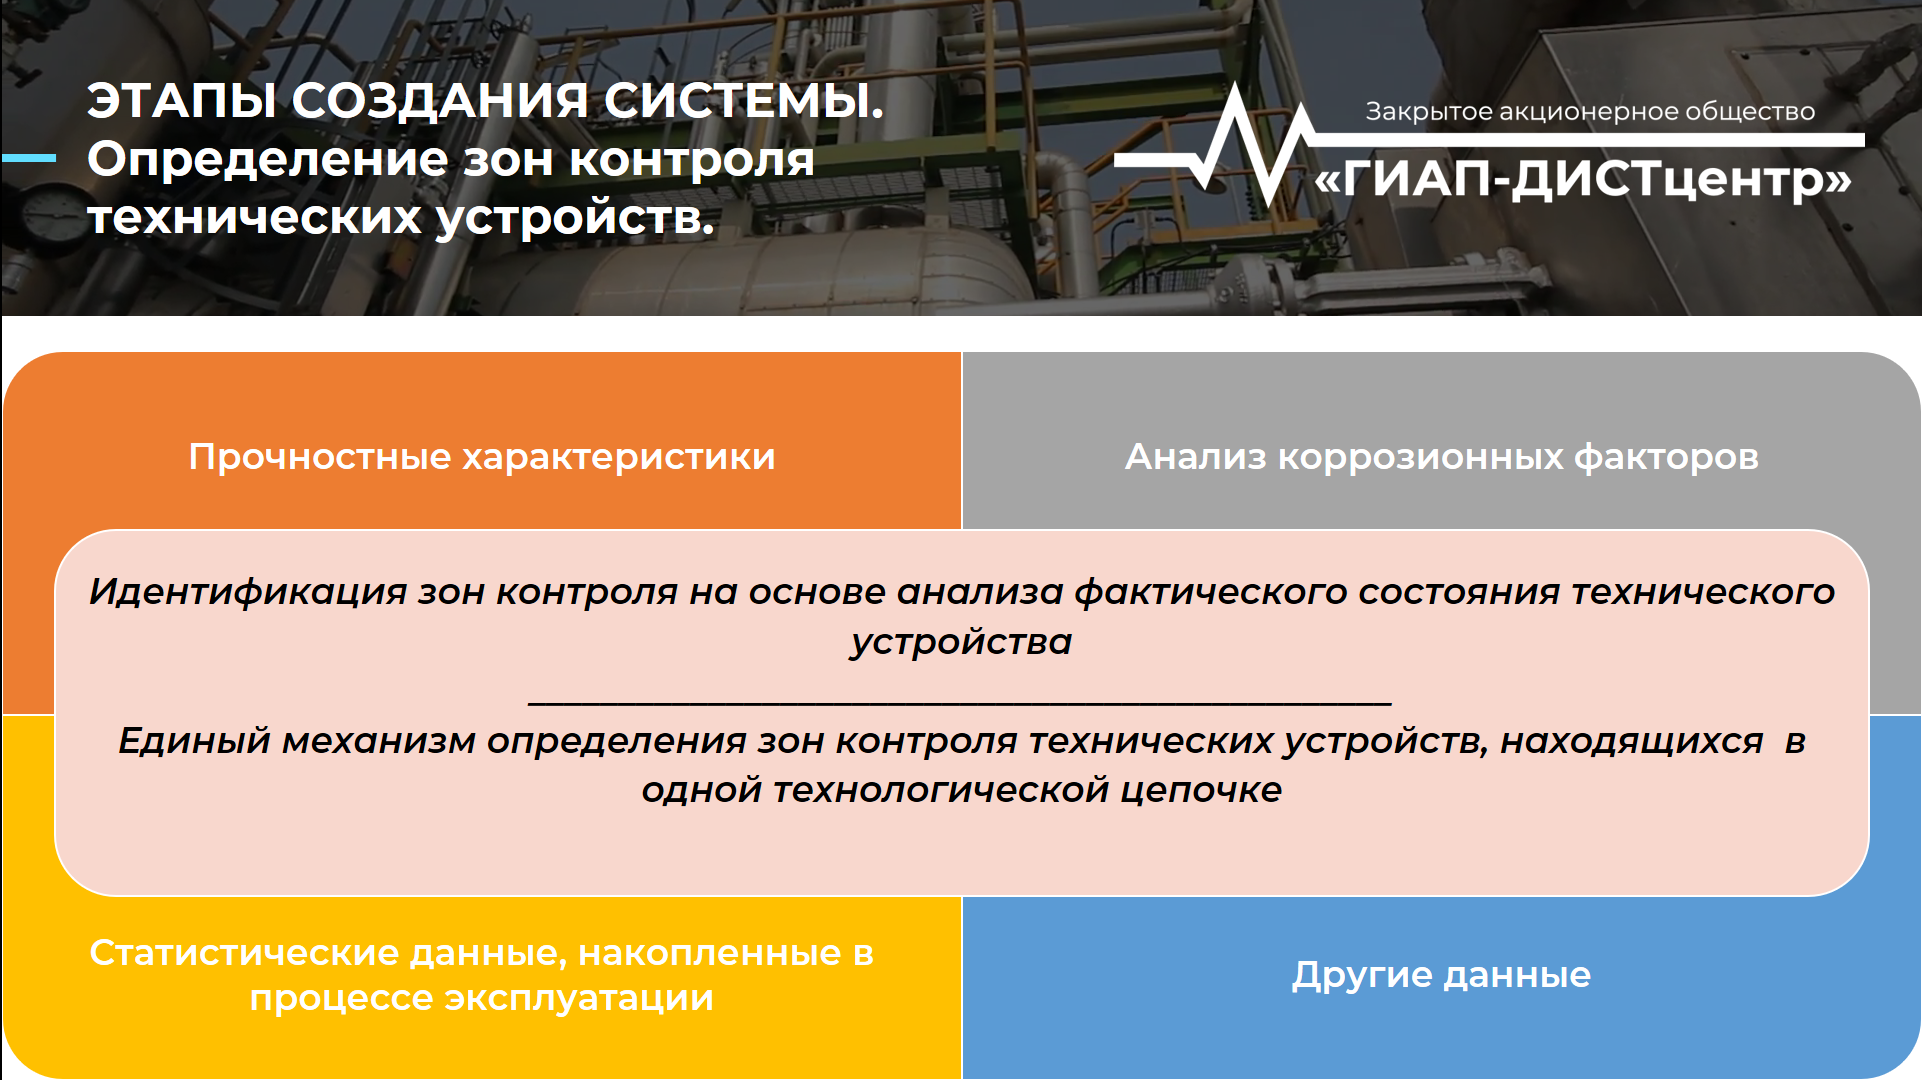 Этапы создания системы. Определение зон контроля технических устройств